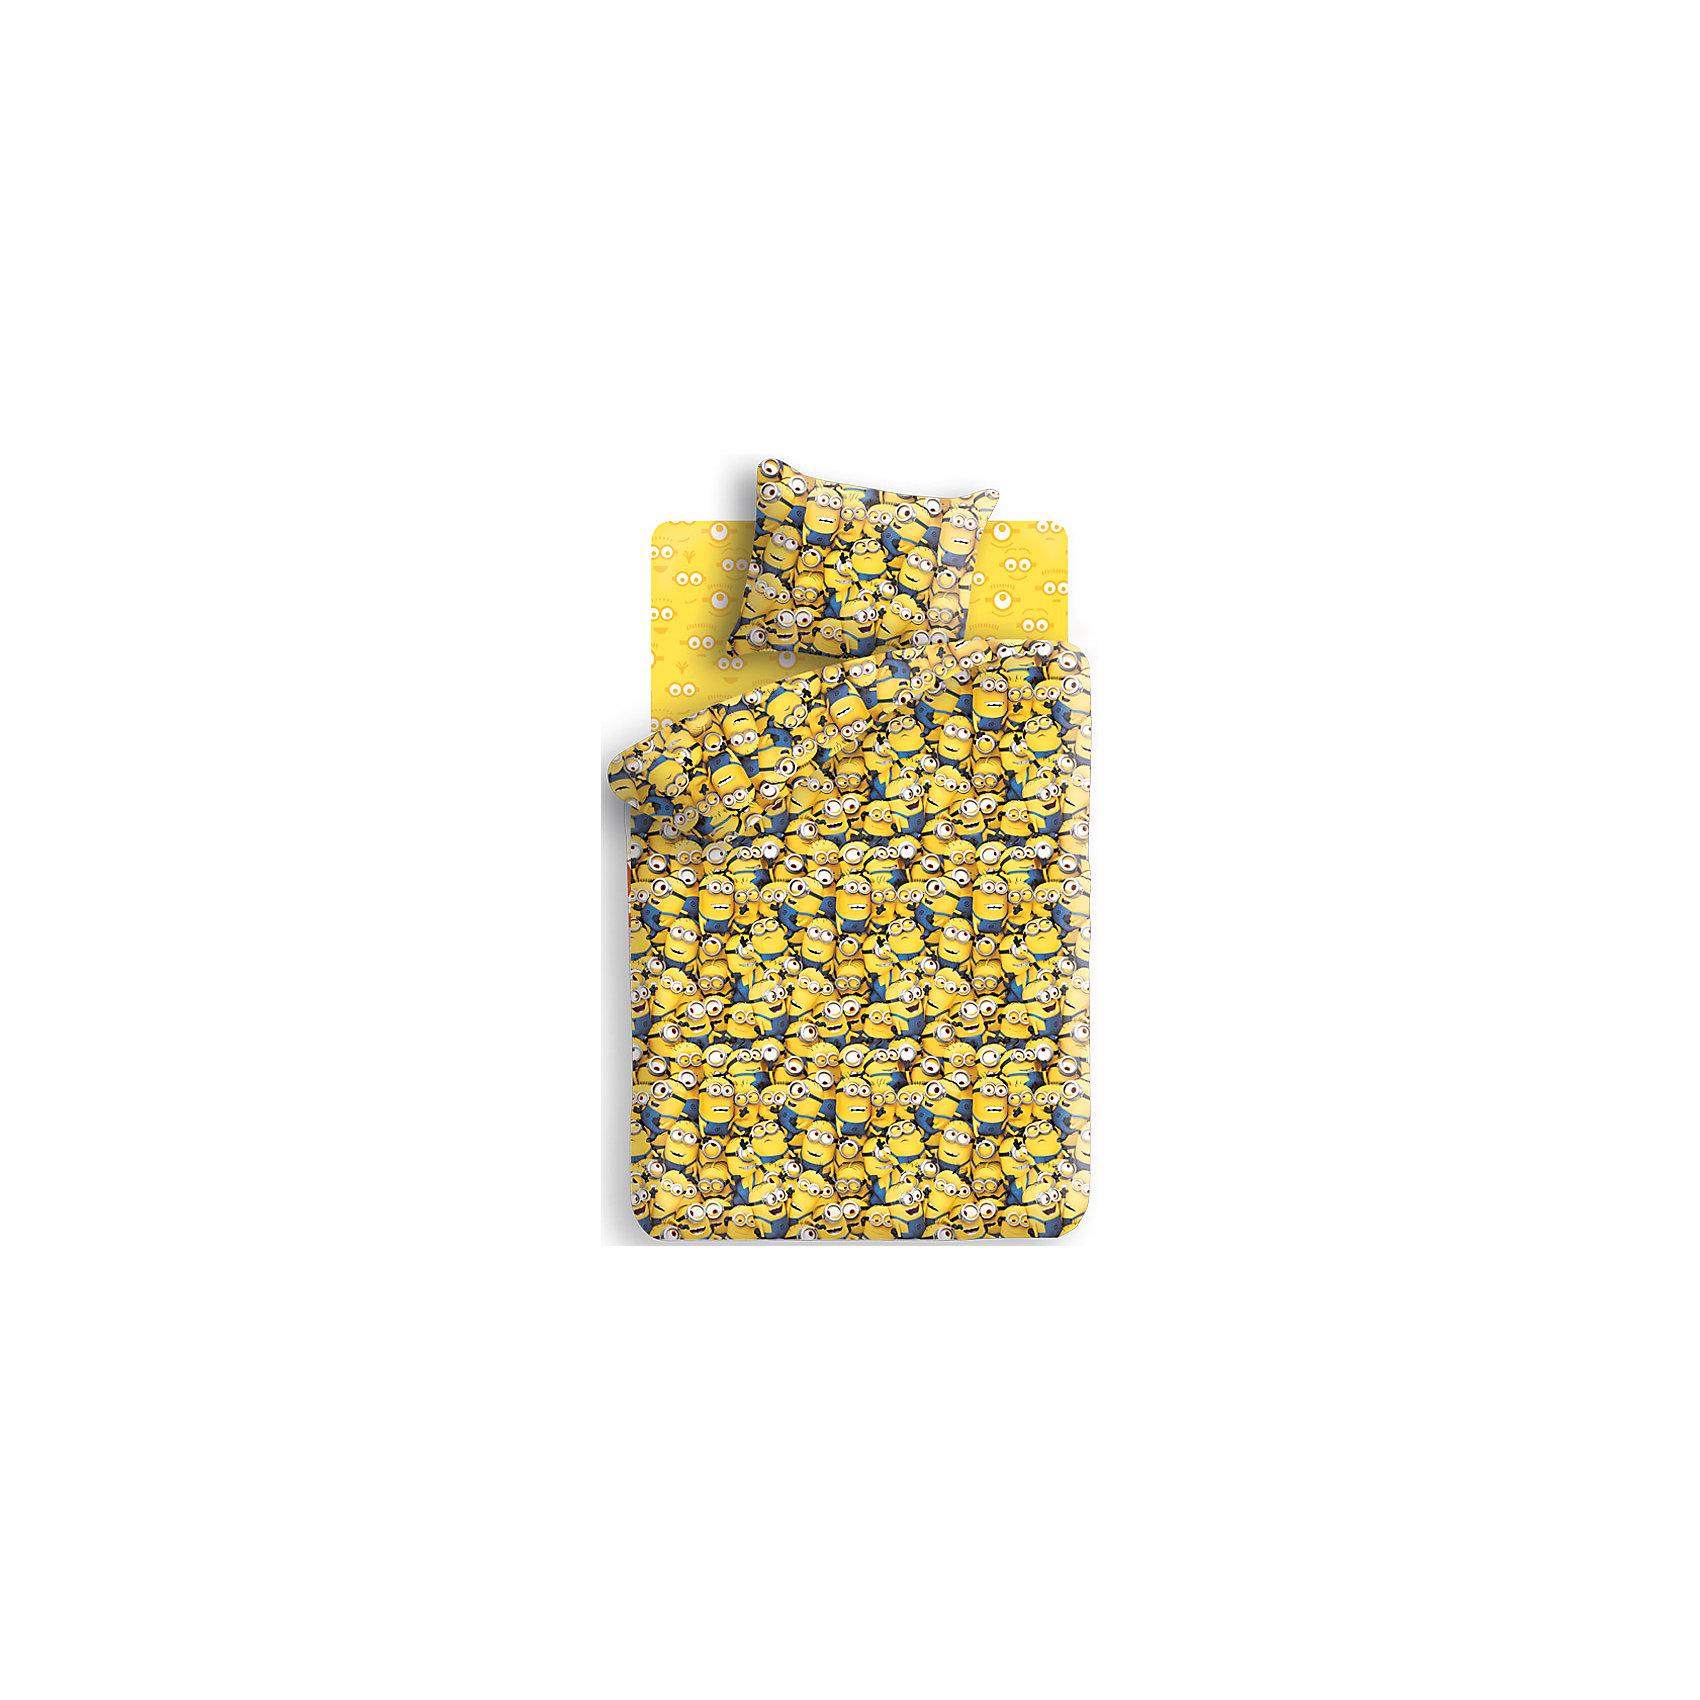 Комплект Миньоны (наволочка 70*70 см) 1,5-спальныйНовинки для детской<br>Комплект Миньоны (наволочка 70*70 см) 1,5-спальный - этот КПБ поможет не расставаться с любимыми героями даже во сне.<br>Комплект постельного белья Миньоны, 1,5-спальный, станет приятным сюрпризом для всех маленьких поклонников популярного мультфильма Гадкий Я. Комплект выполнен по мотивам любимого мультика и украшен изображениями его забавных персонажей - миньонов. Материал представляет собой качественную плотную бязь, очень комфортную и приятную на ощупь. Ткань отвечает всем экологическим нормам безопасности, дышащая, гипоаллергенная, не нарушает естественные процессы терморегуляции. При стирке белье не линяет, не деформируется и не теряет своих красок даже после многочисленных стирок, а также отличается хорошей износостойкостью.<br><br>Дополнительная информация:<br><br>- Размер комплекта: полутораспальный<br>- Тип ткани: бязь (100% хлопок)<br>- Плотность ткани 119г/м2<br>- В комплекте: 1 наволочка, 1 пододеяльник и 1 простыня<br>- Тип застежки: клапан<br>- Размер пододеяльника: 215 х 143 см.<br>- Размер наволочки: 70 х 70 см.<br>- Размер простыни: 214 х 150 см.<br>- Стирка при 40°C<br>- Размер упаковки: 35 х 24,5 х 6,5 см.<br>- Вес: 900 г.<br><br>Комплект Миньоны (наволочка 70*70 см) 1,5-спальный можно купить в нашем интернет-магазине.<br><br>Ширина мм: 350<br>Глубина мм: 245<br>Высота мм: 65<br>Вес г: 900<br>Возраст от месяцев: 36<br>Возраст до месяцев: 168<br>Пол: Унисекс<br>Возраст: Детский<br>SKU: 4217966